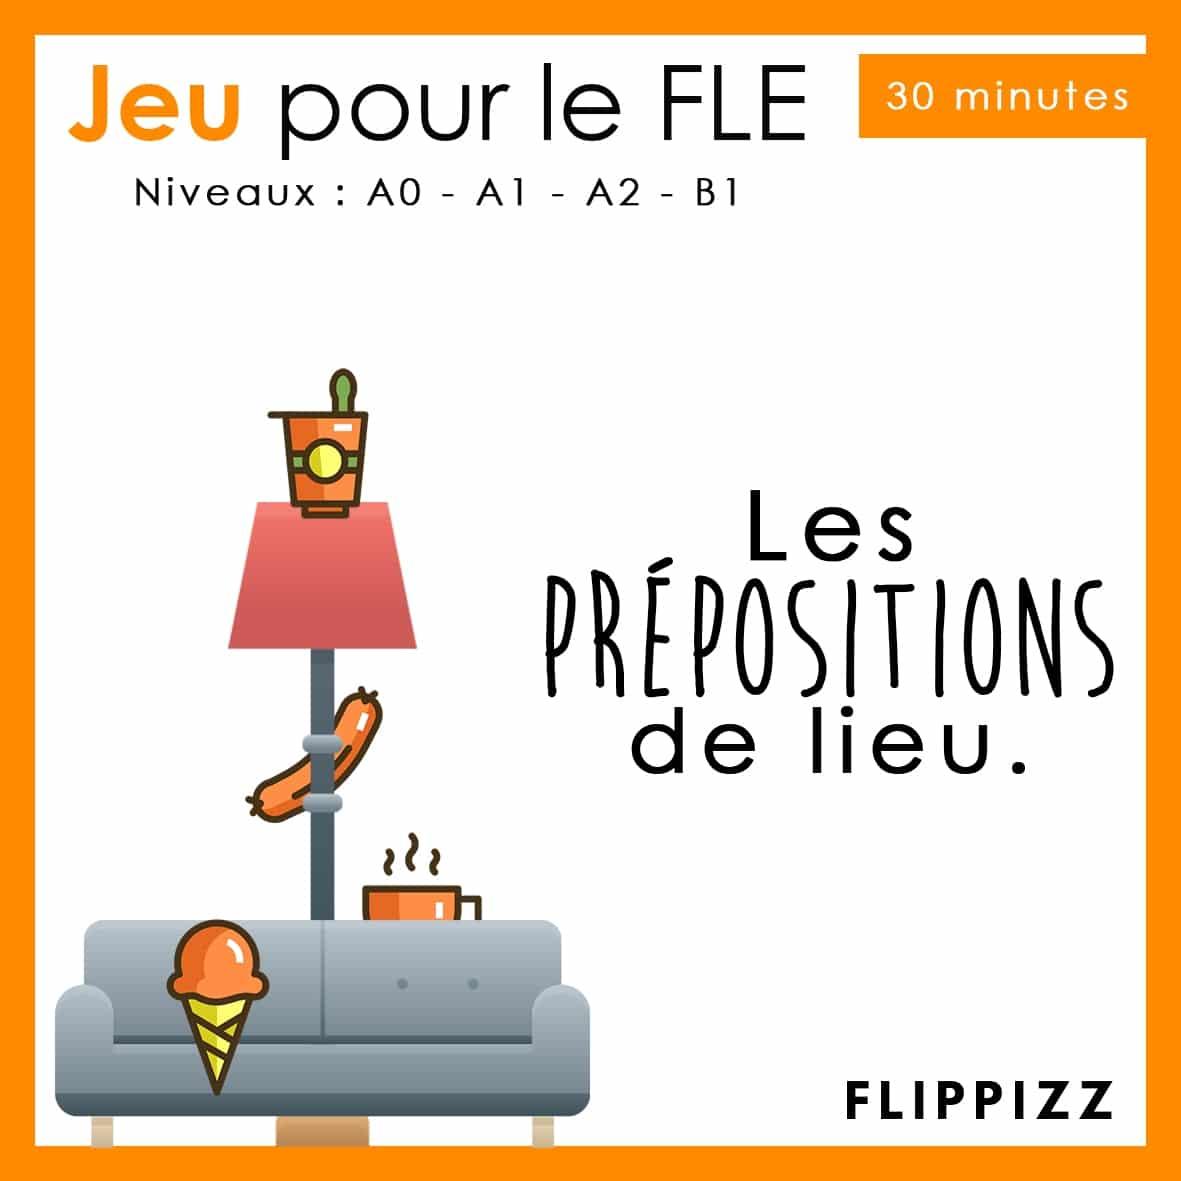 JEU de FLE prépositions de lieu - FLIPPIZZ